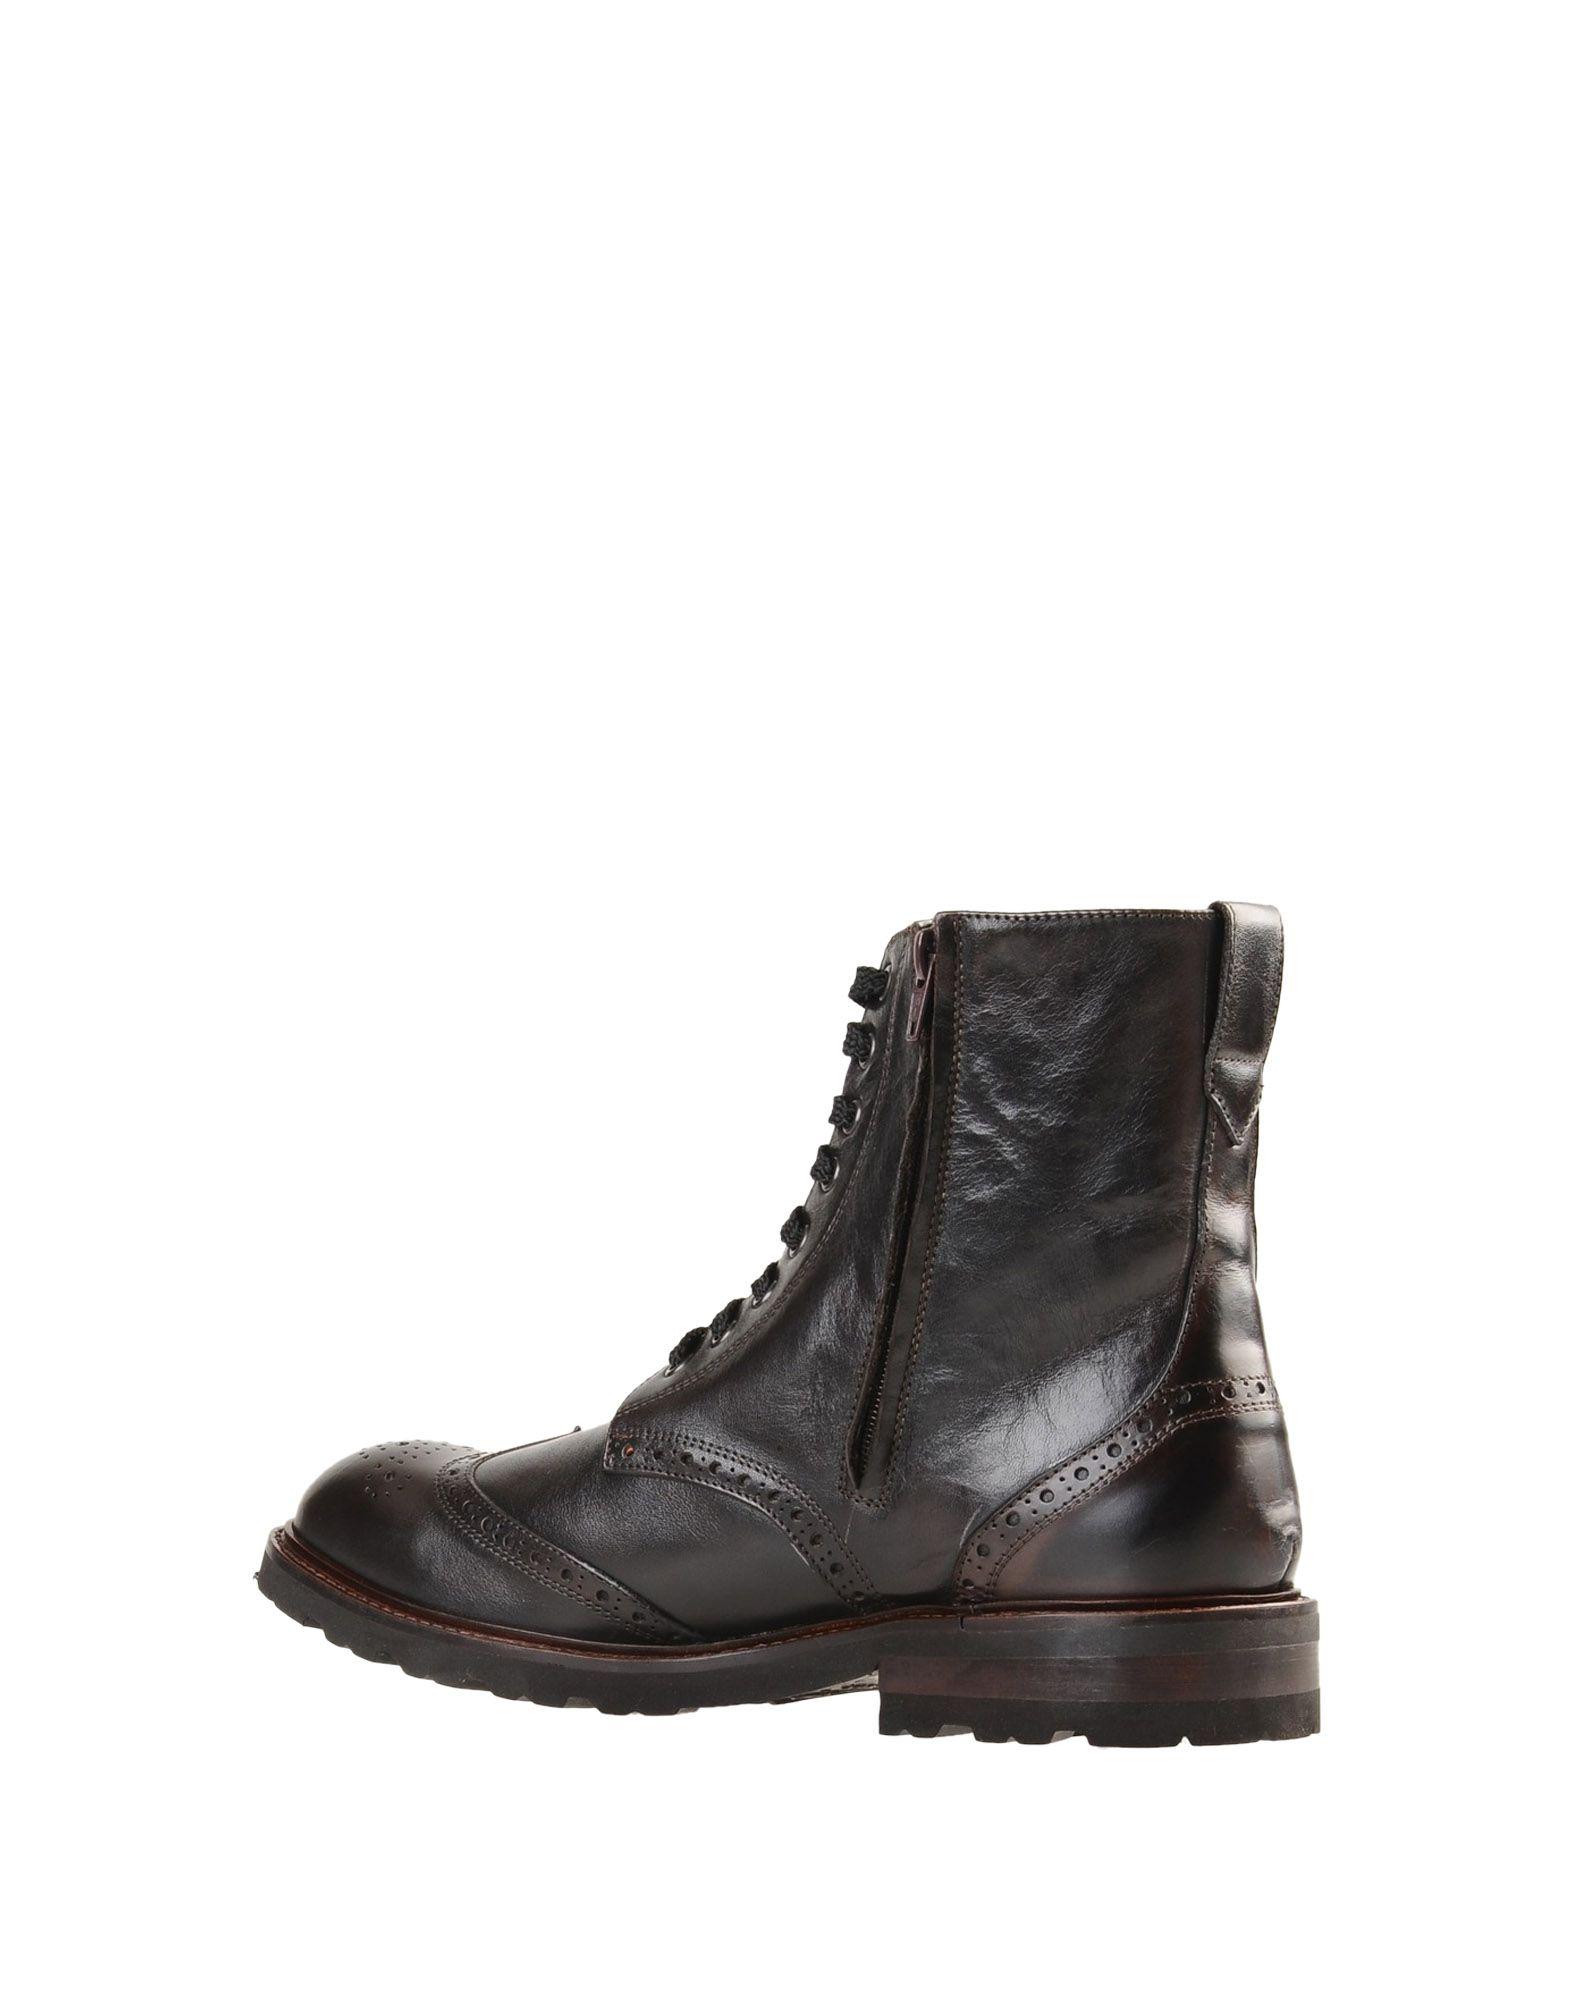 Snobs® Gute Stiefelette Herren  11551716KM Gute Snobs® Qualität beliebte Schuhe 62e1b2